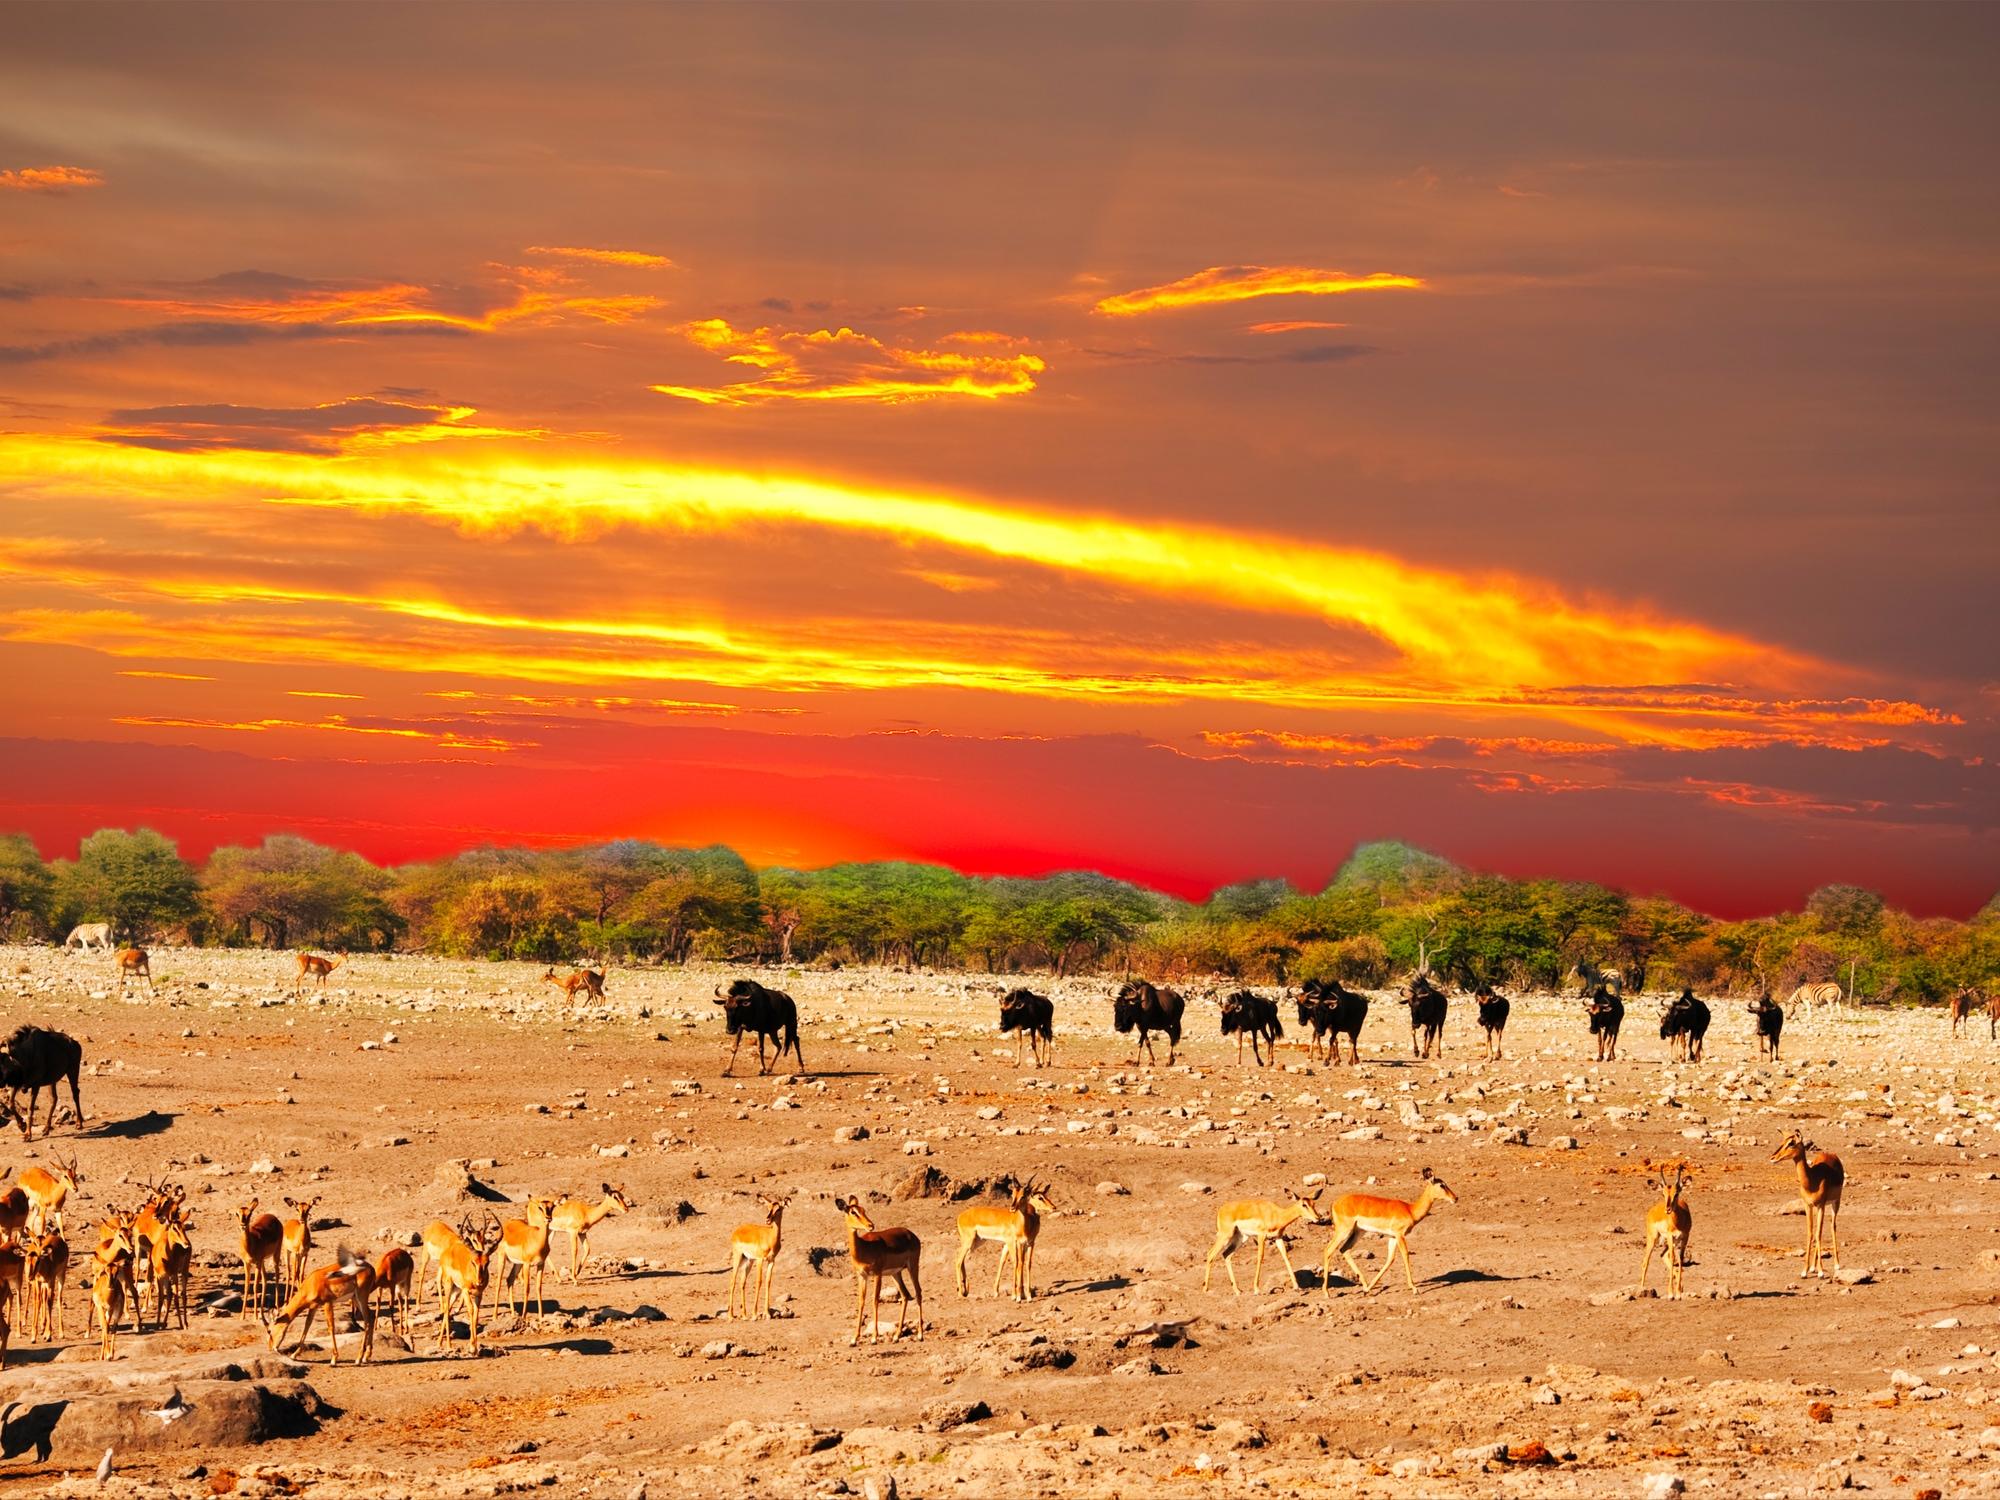 Roadtrip en Namibie, pays des grands espaces